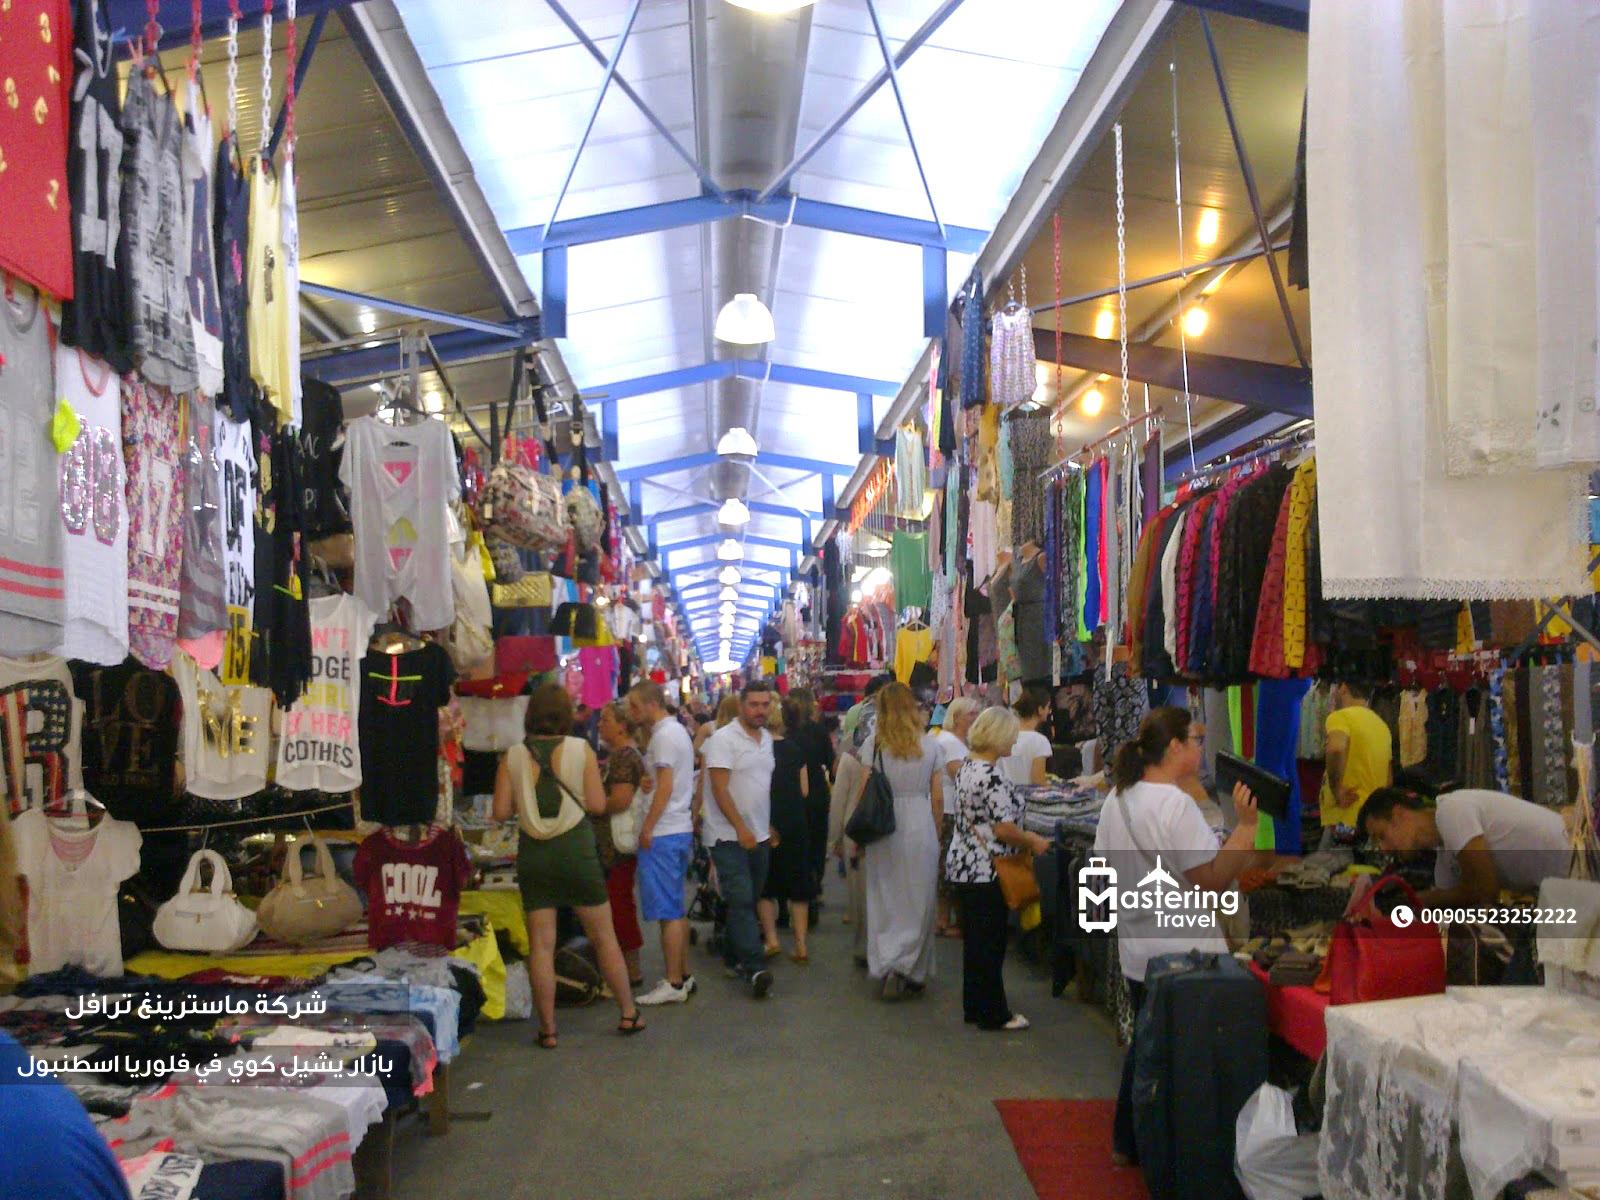 بازار يشيل كوي في فلوريا اسطنبول 1